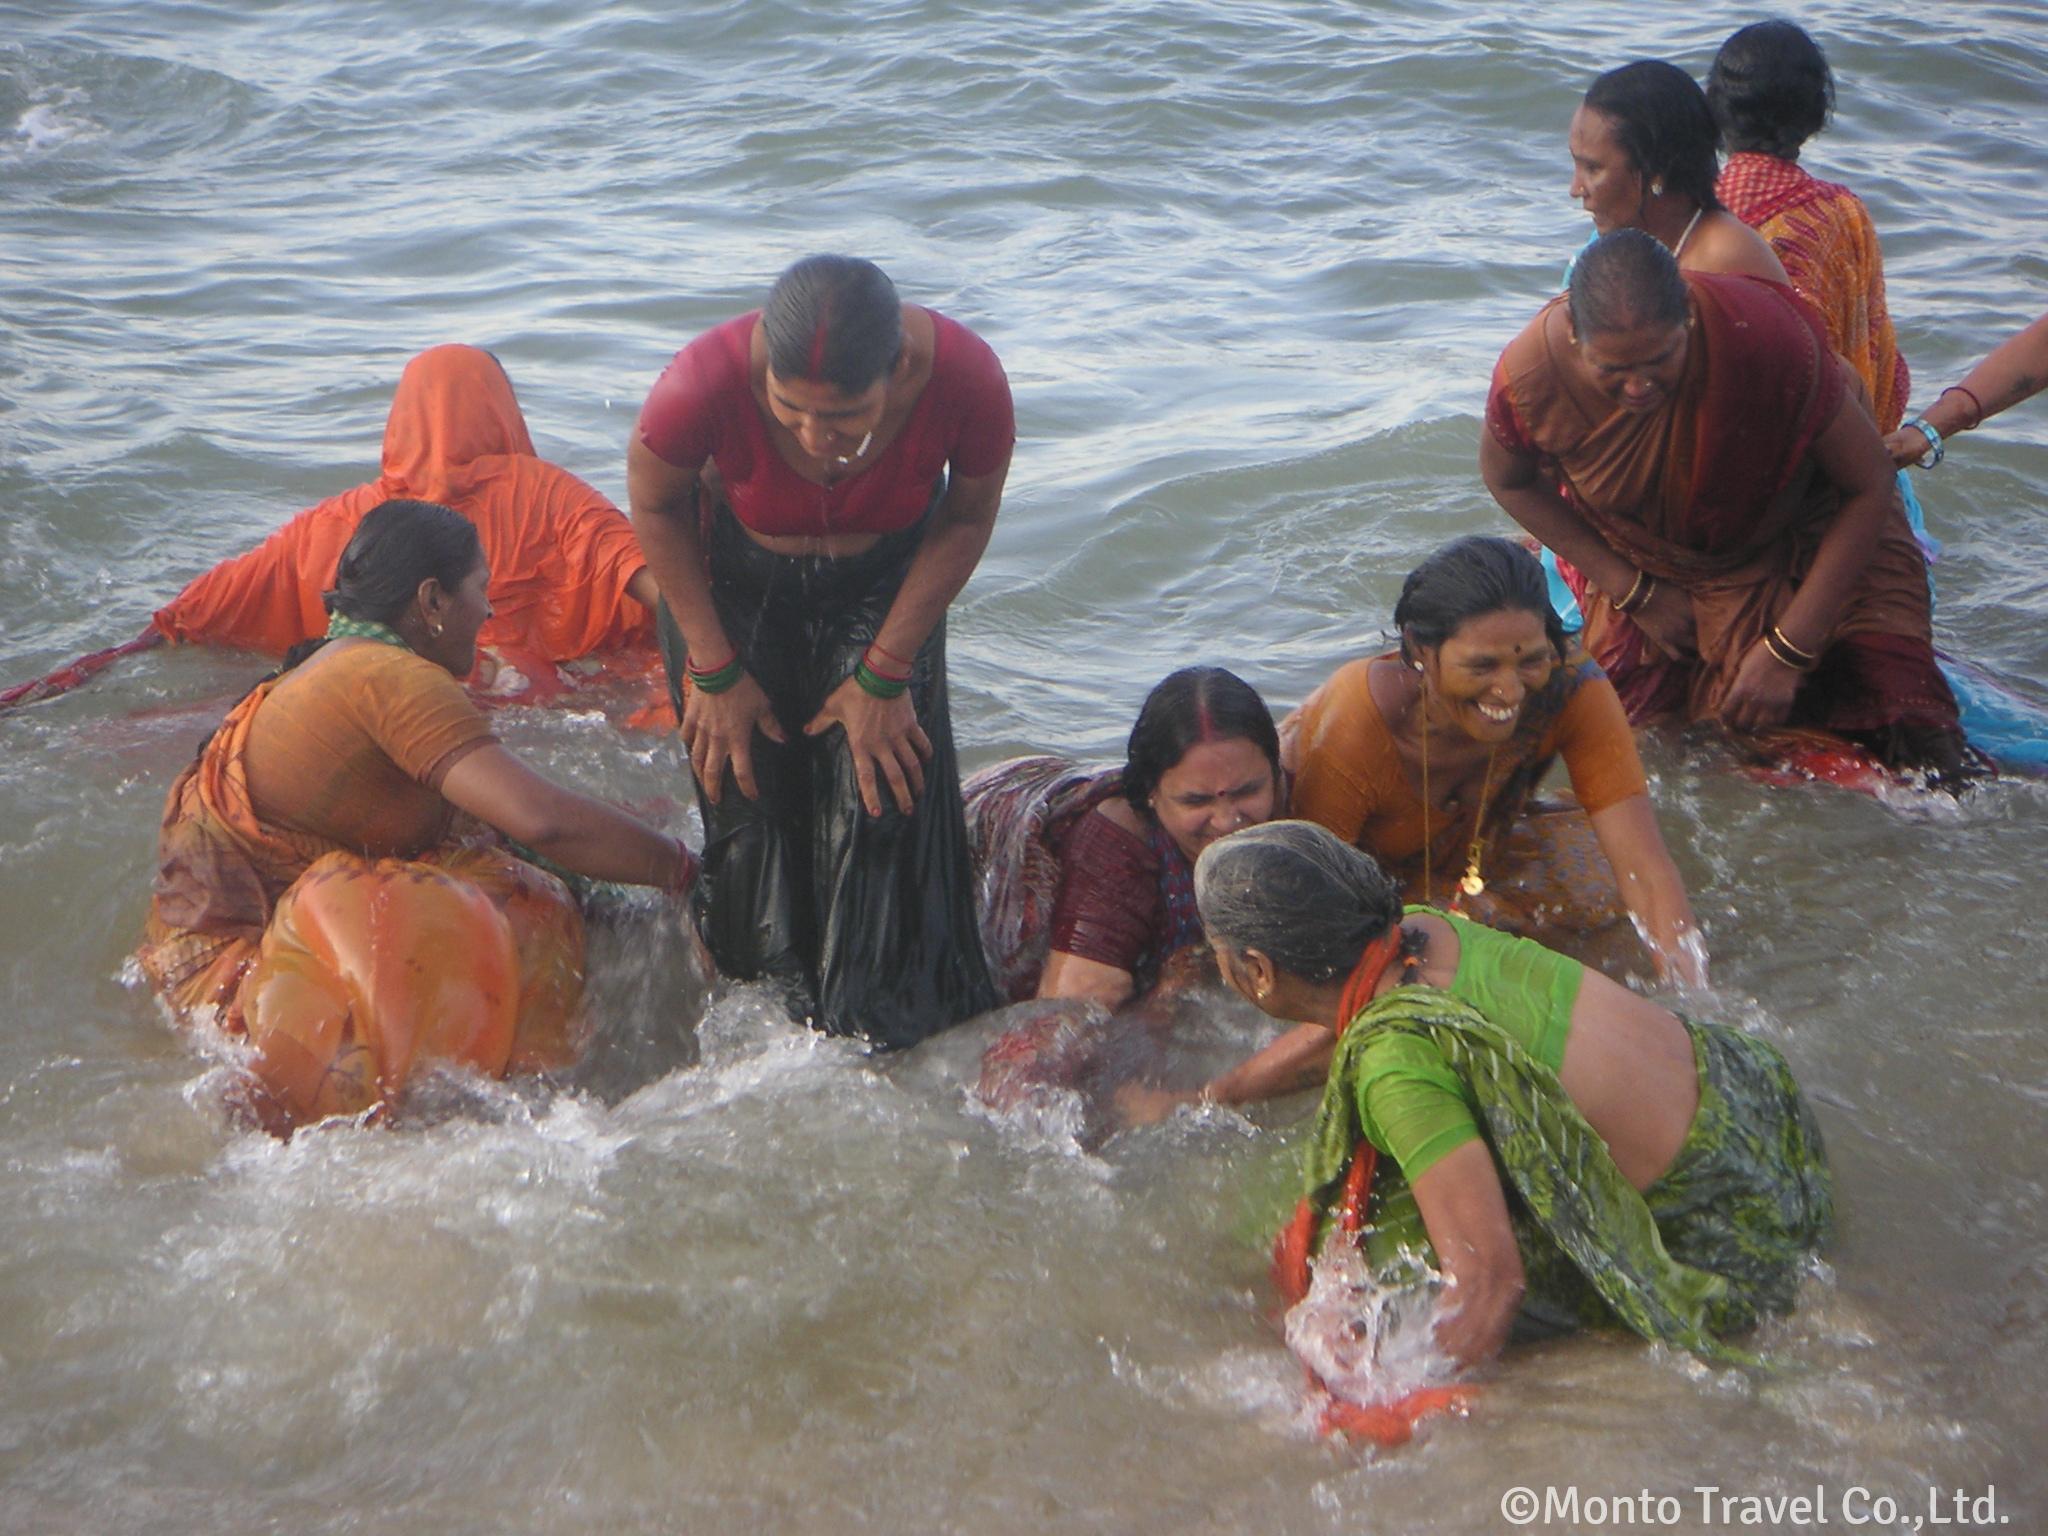 聖地カンニャクマーリーで沐浴する人たち